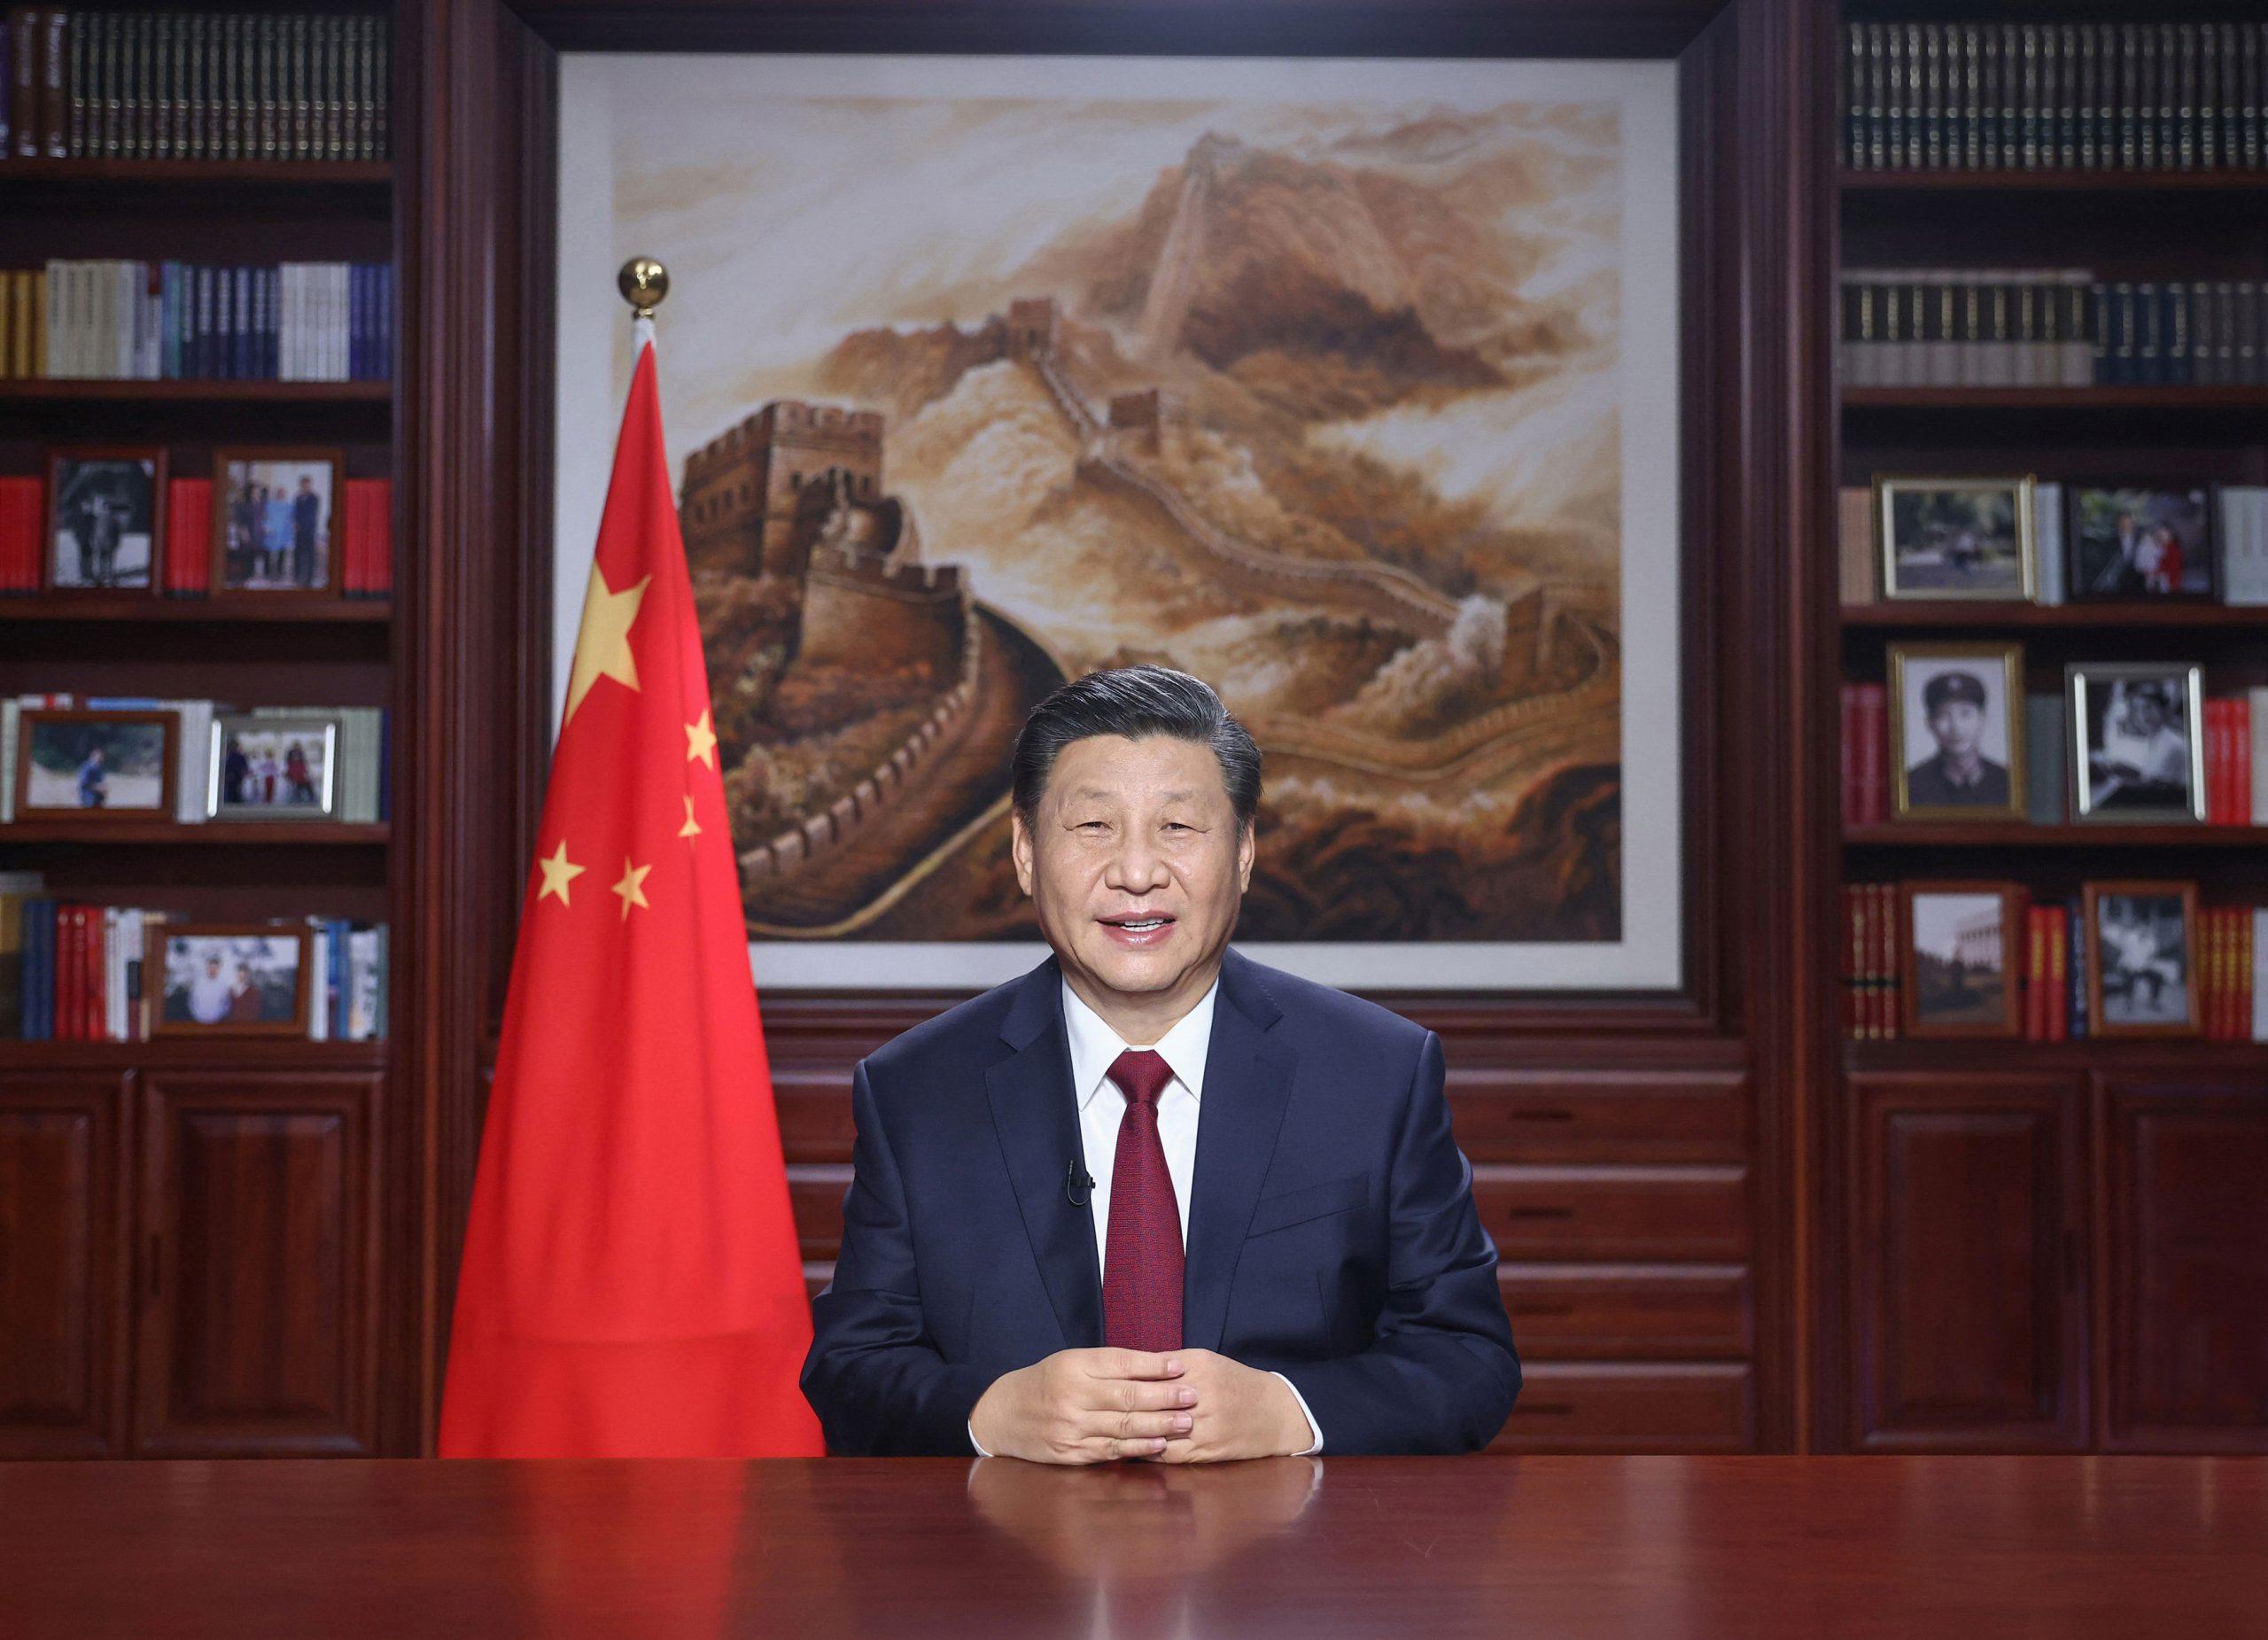 PCCh lanza campaña para estudiar pensamiento de Xi Jinping